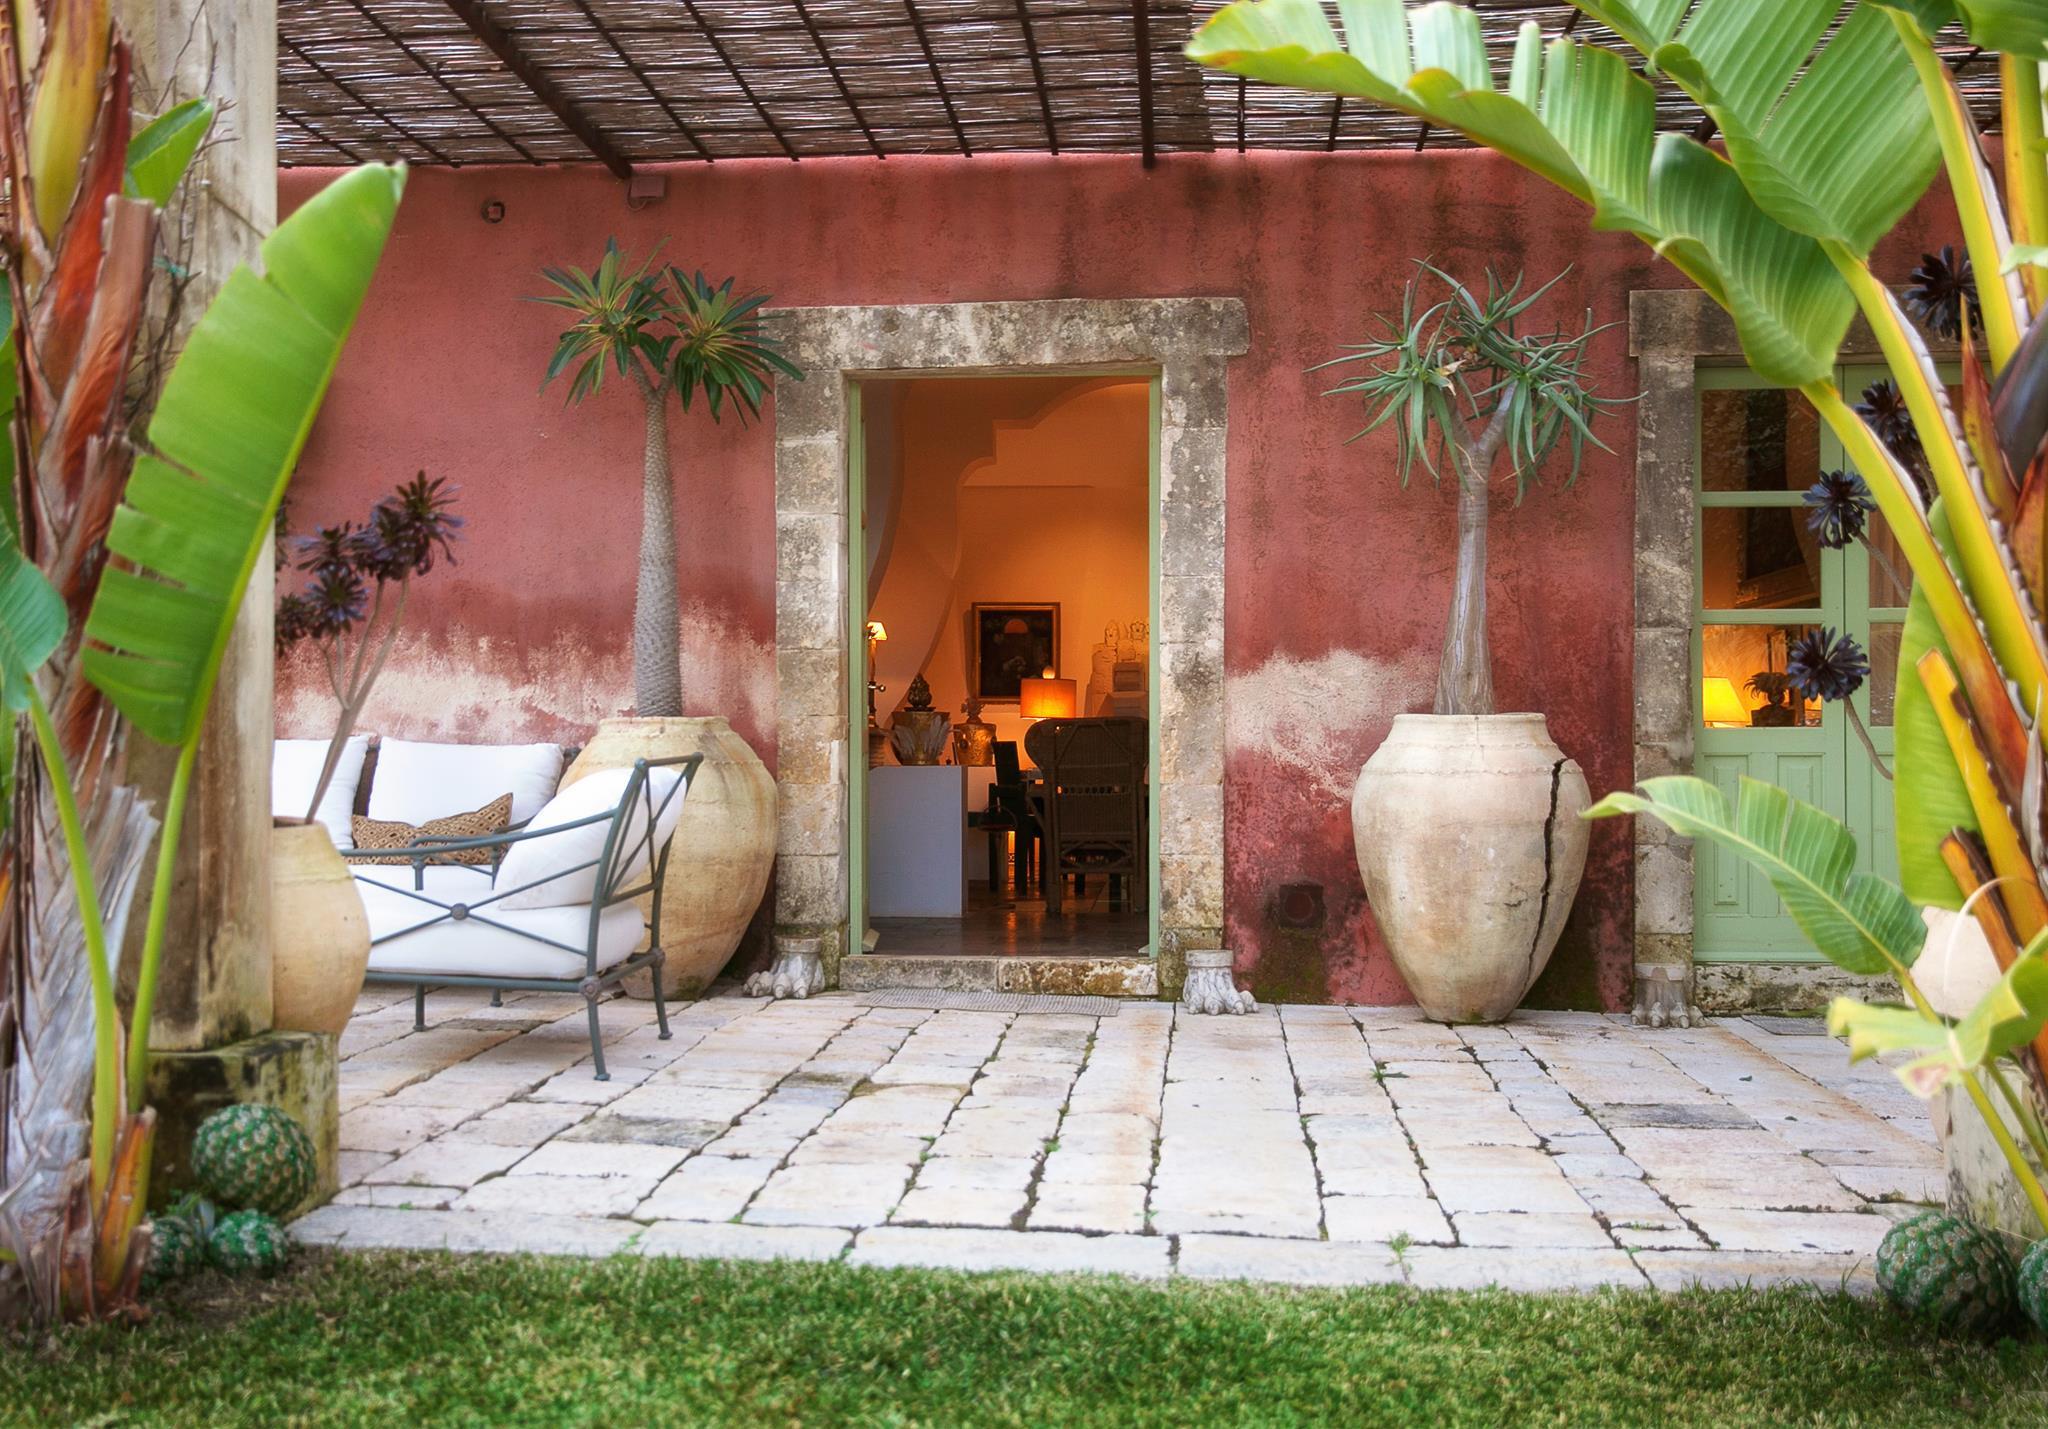 בית הנופש Maison des Oliviers בסיציליה